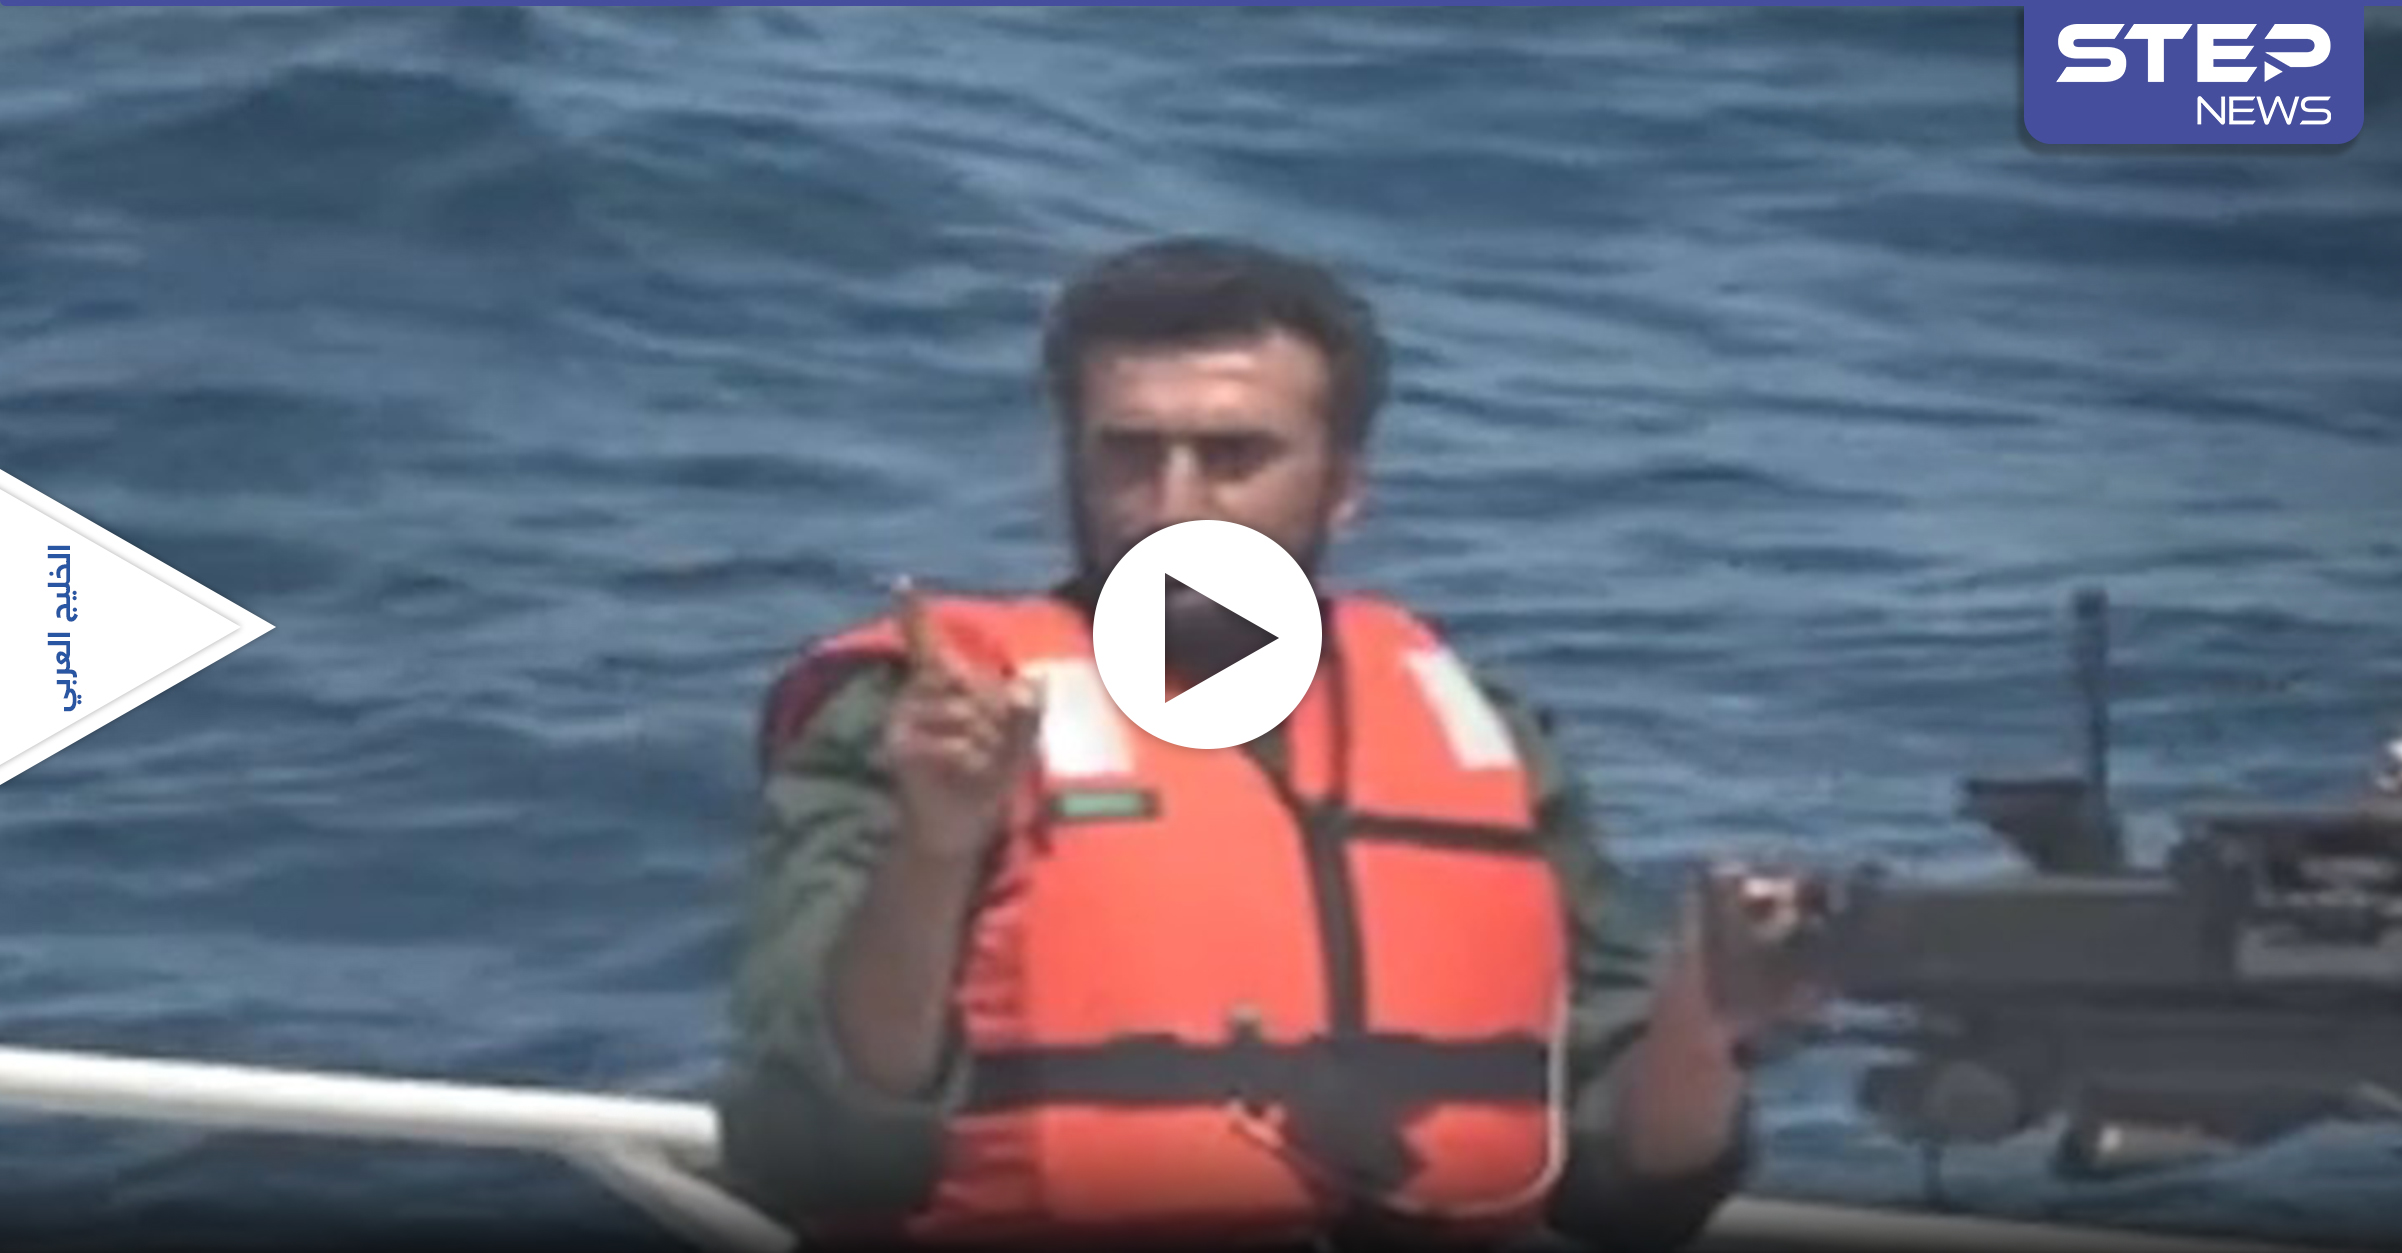 بالفيديو    الأولى منذ عام... مواجهة بحرية ساخنة بين سفن إيرانية وأمريكية في الخليج